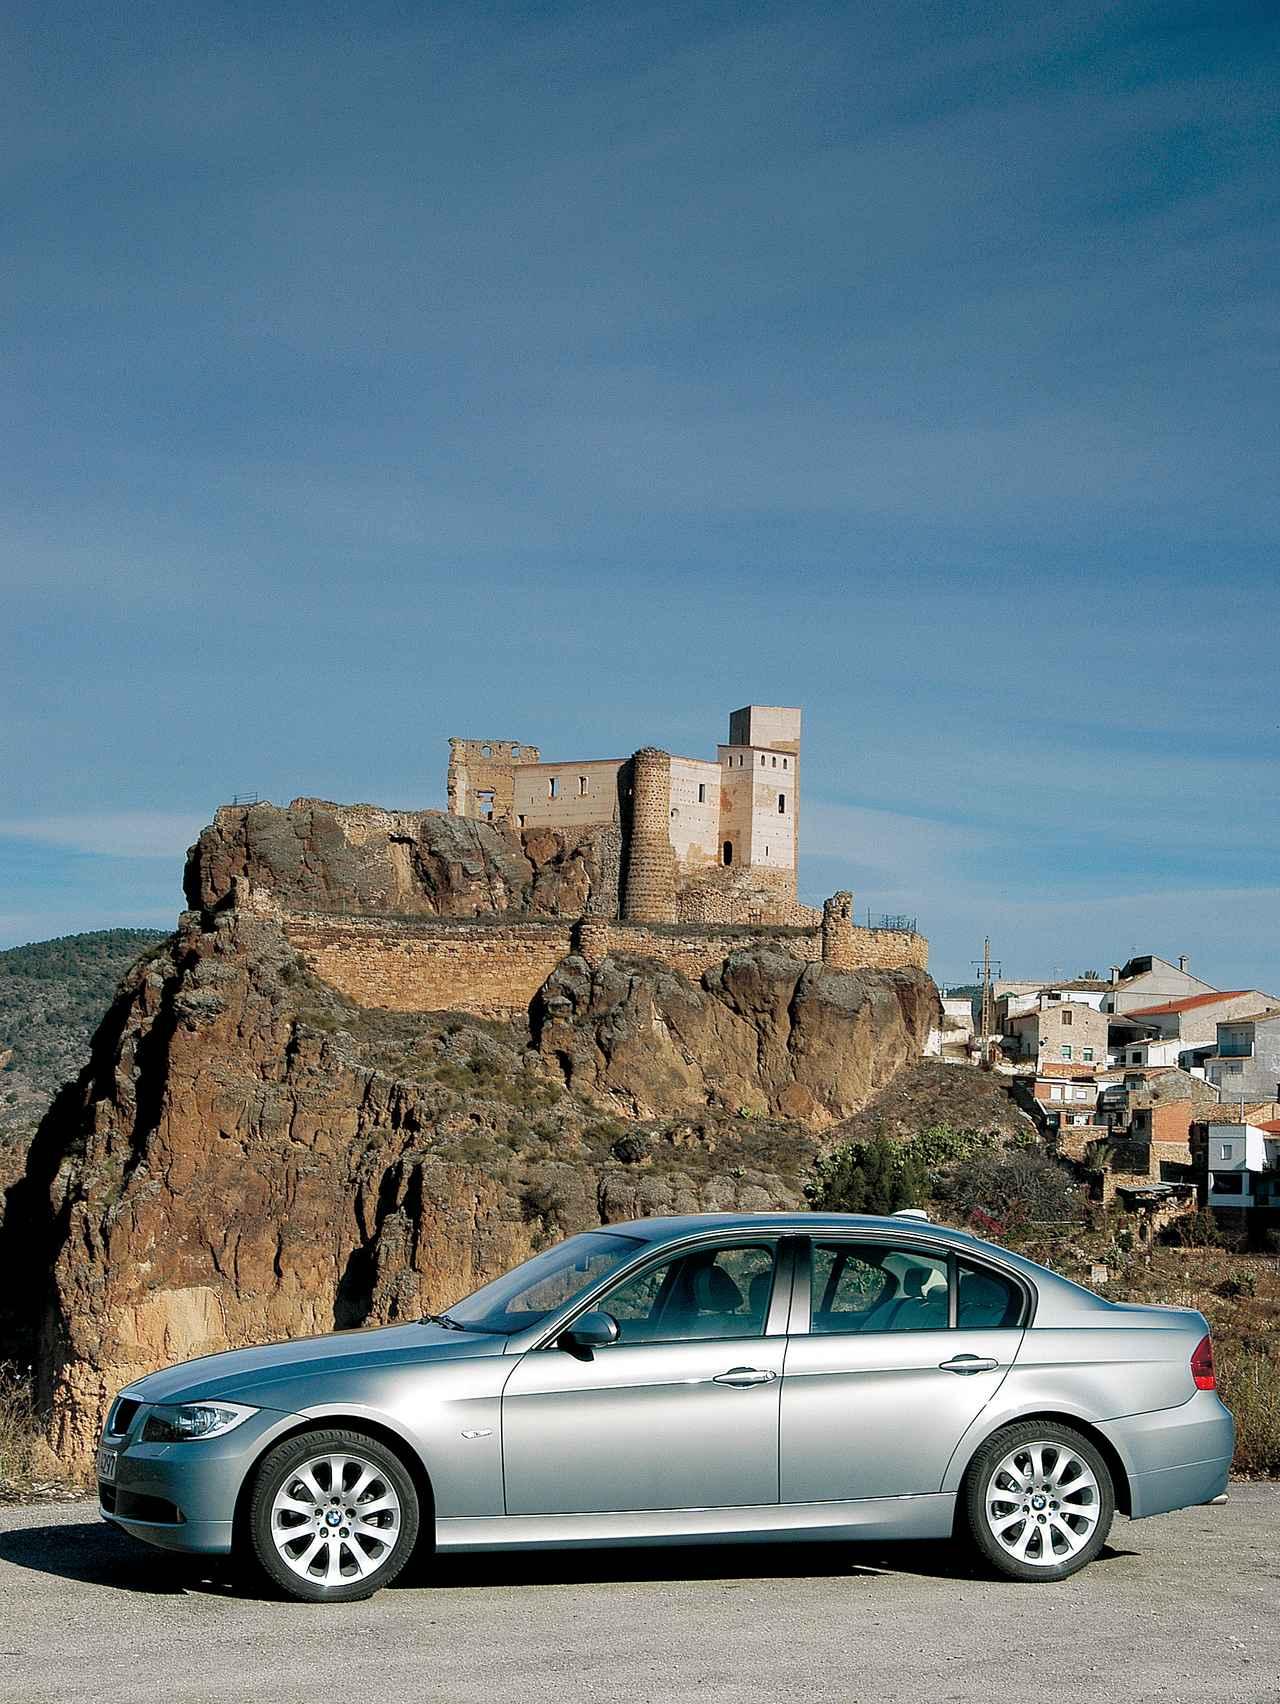 Images : 1番目の画像 - E90型BMW 3シリーズ(2005年) - Webモーターマガジン